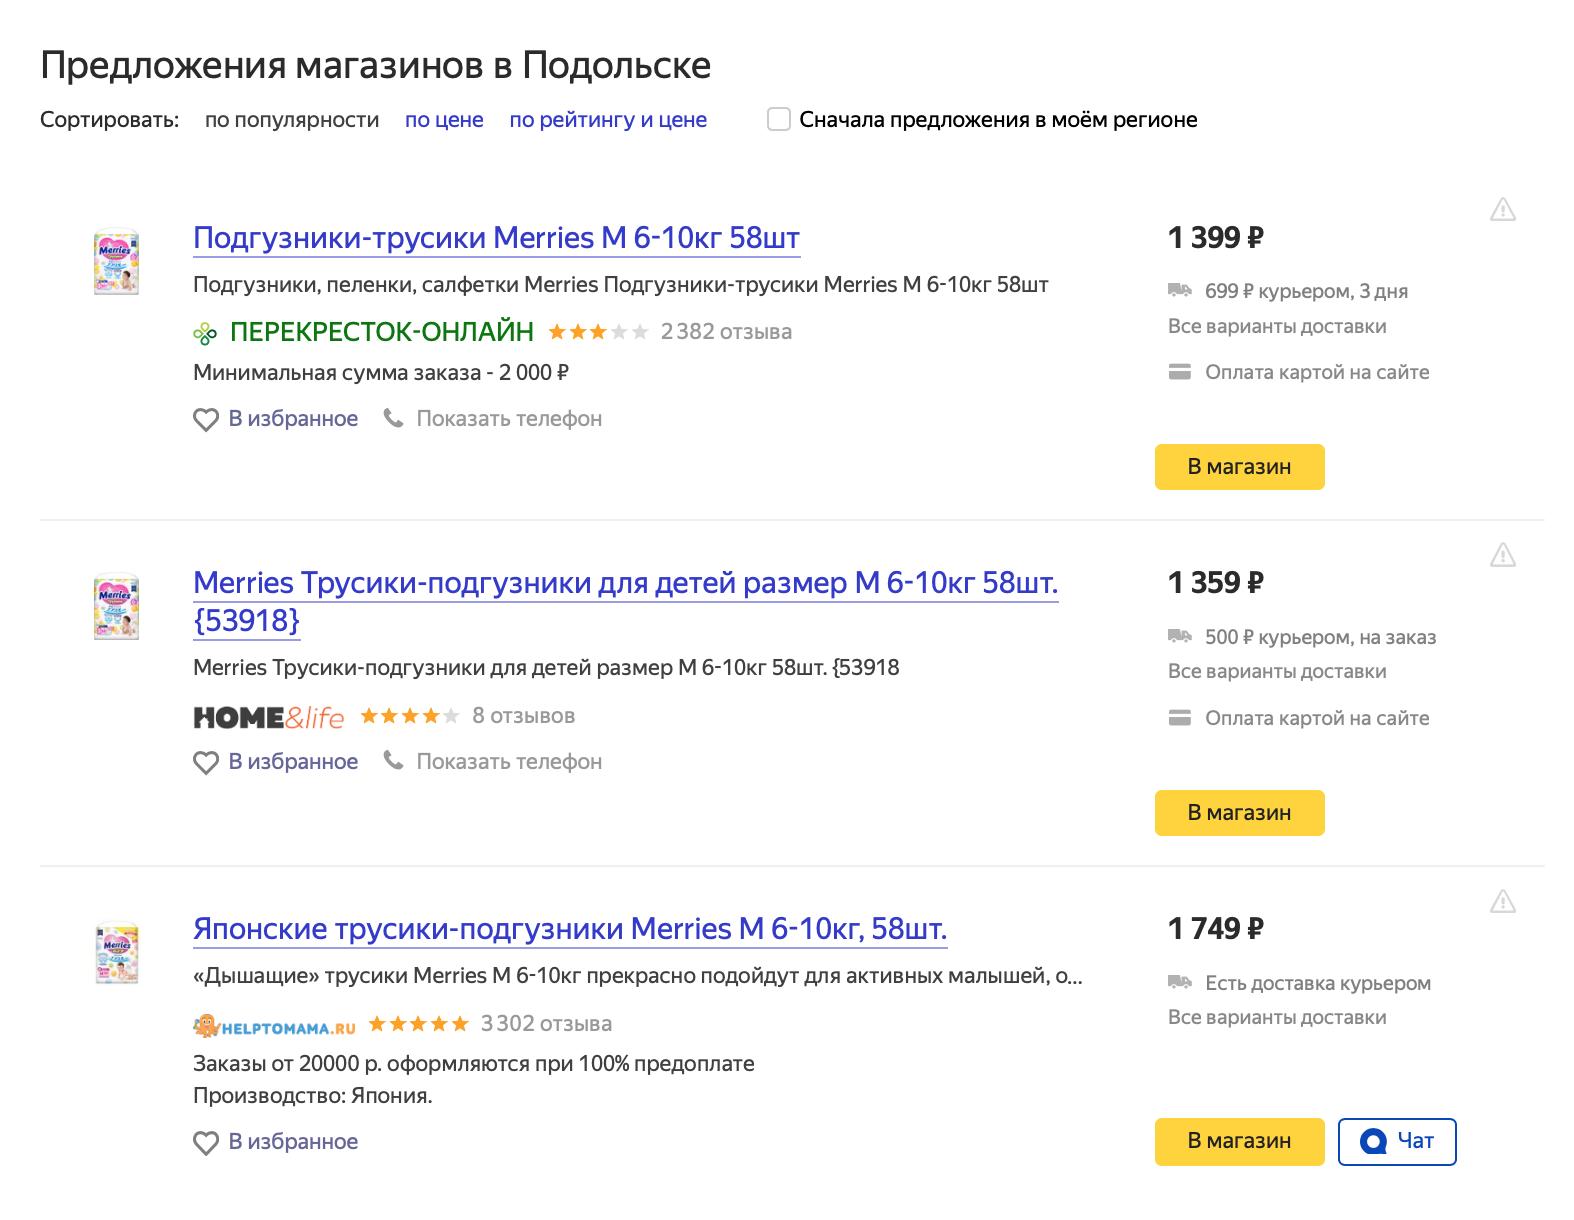 Стоимость упаковок подгузников-трусиков одной марки отличается на&nbsp;350&nbsp;<span class=ruble>Р</span> — разница 20%